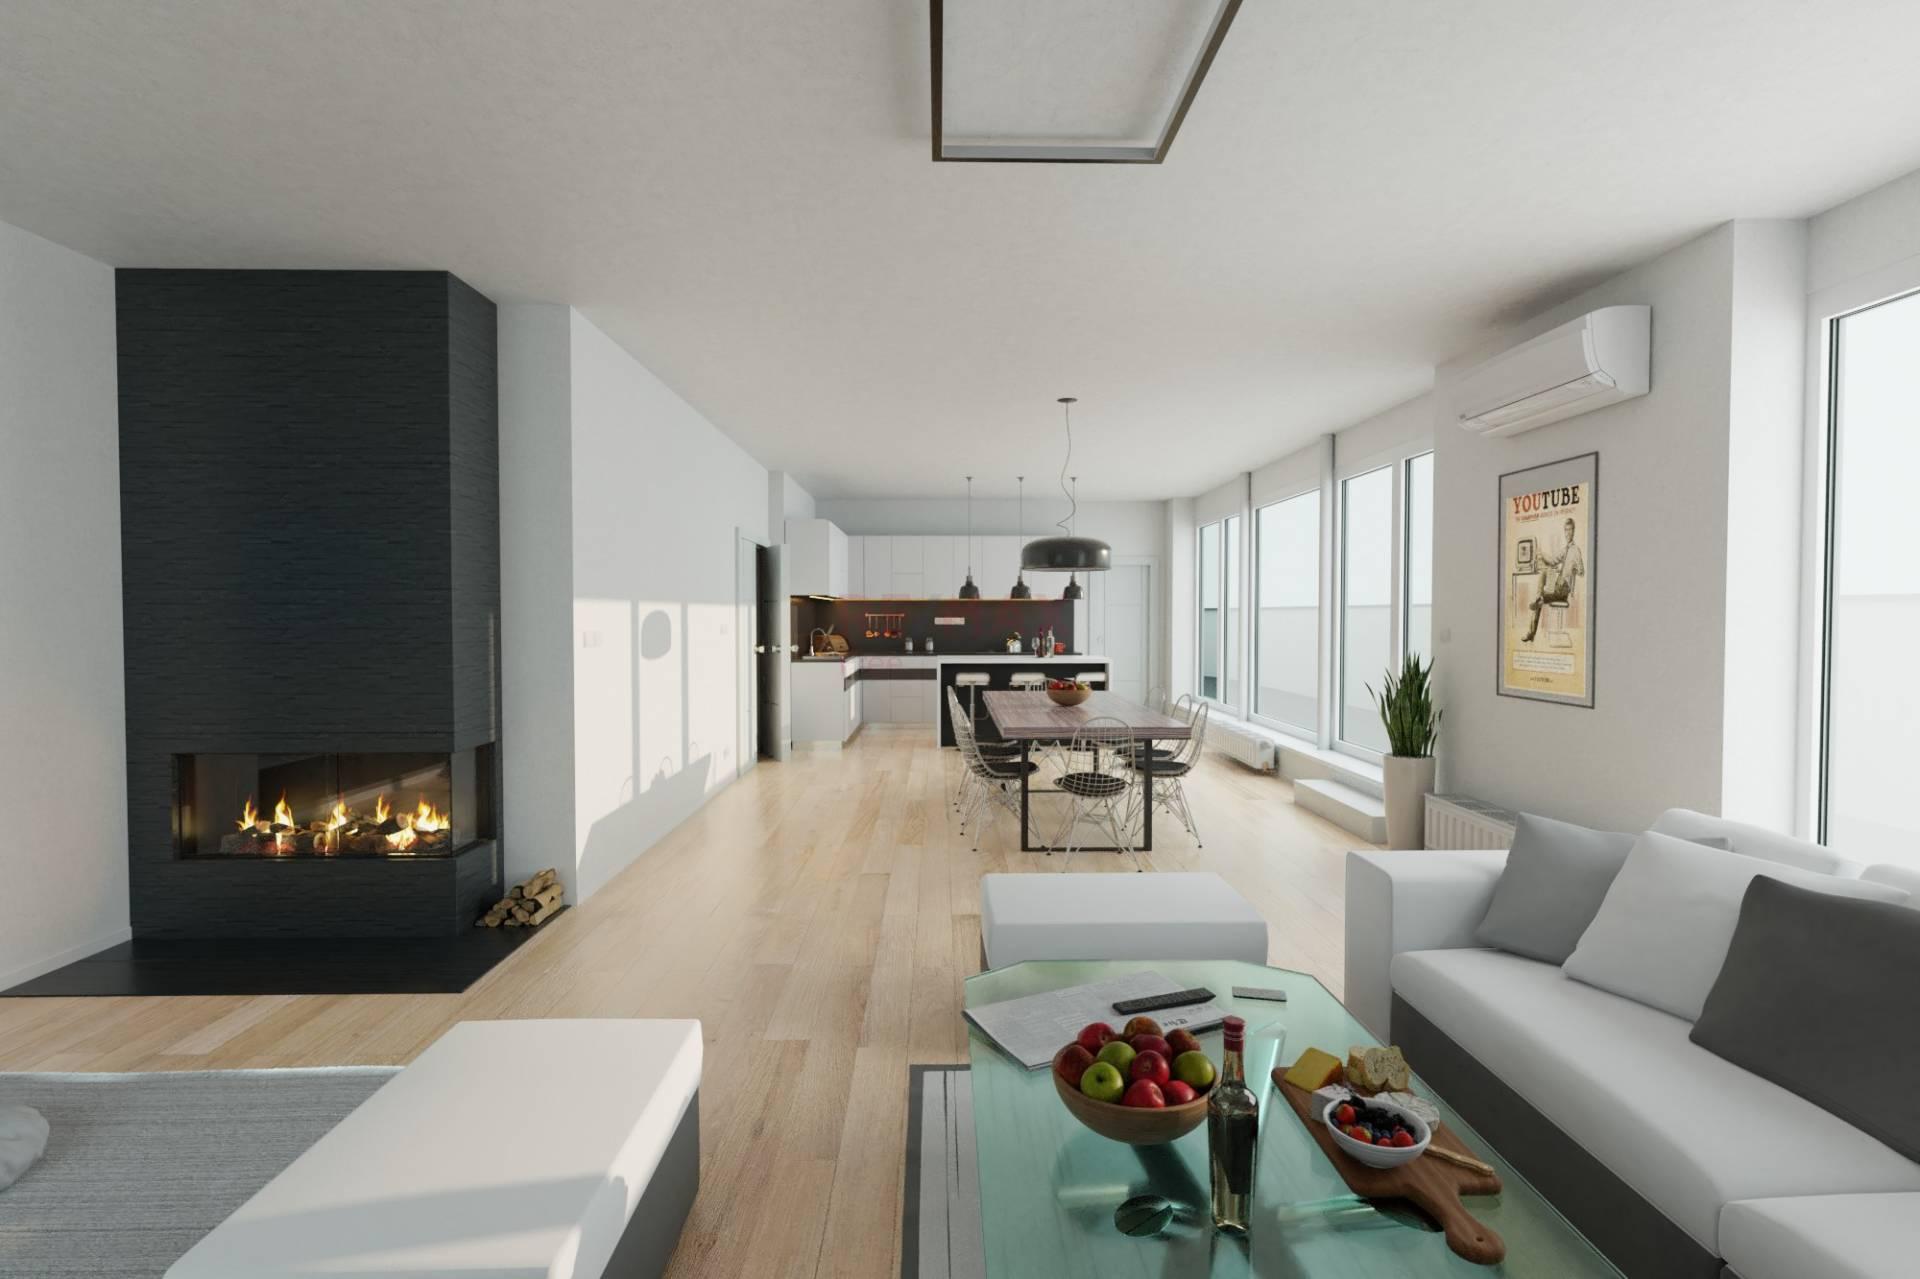 Na predaj: Luxusný 4 izbový byt s terasou a dvoma garážovými státiami v novostavbe Mendelsohn